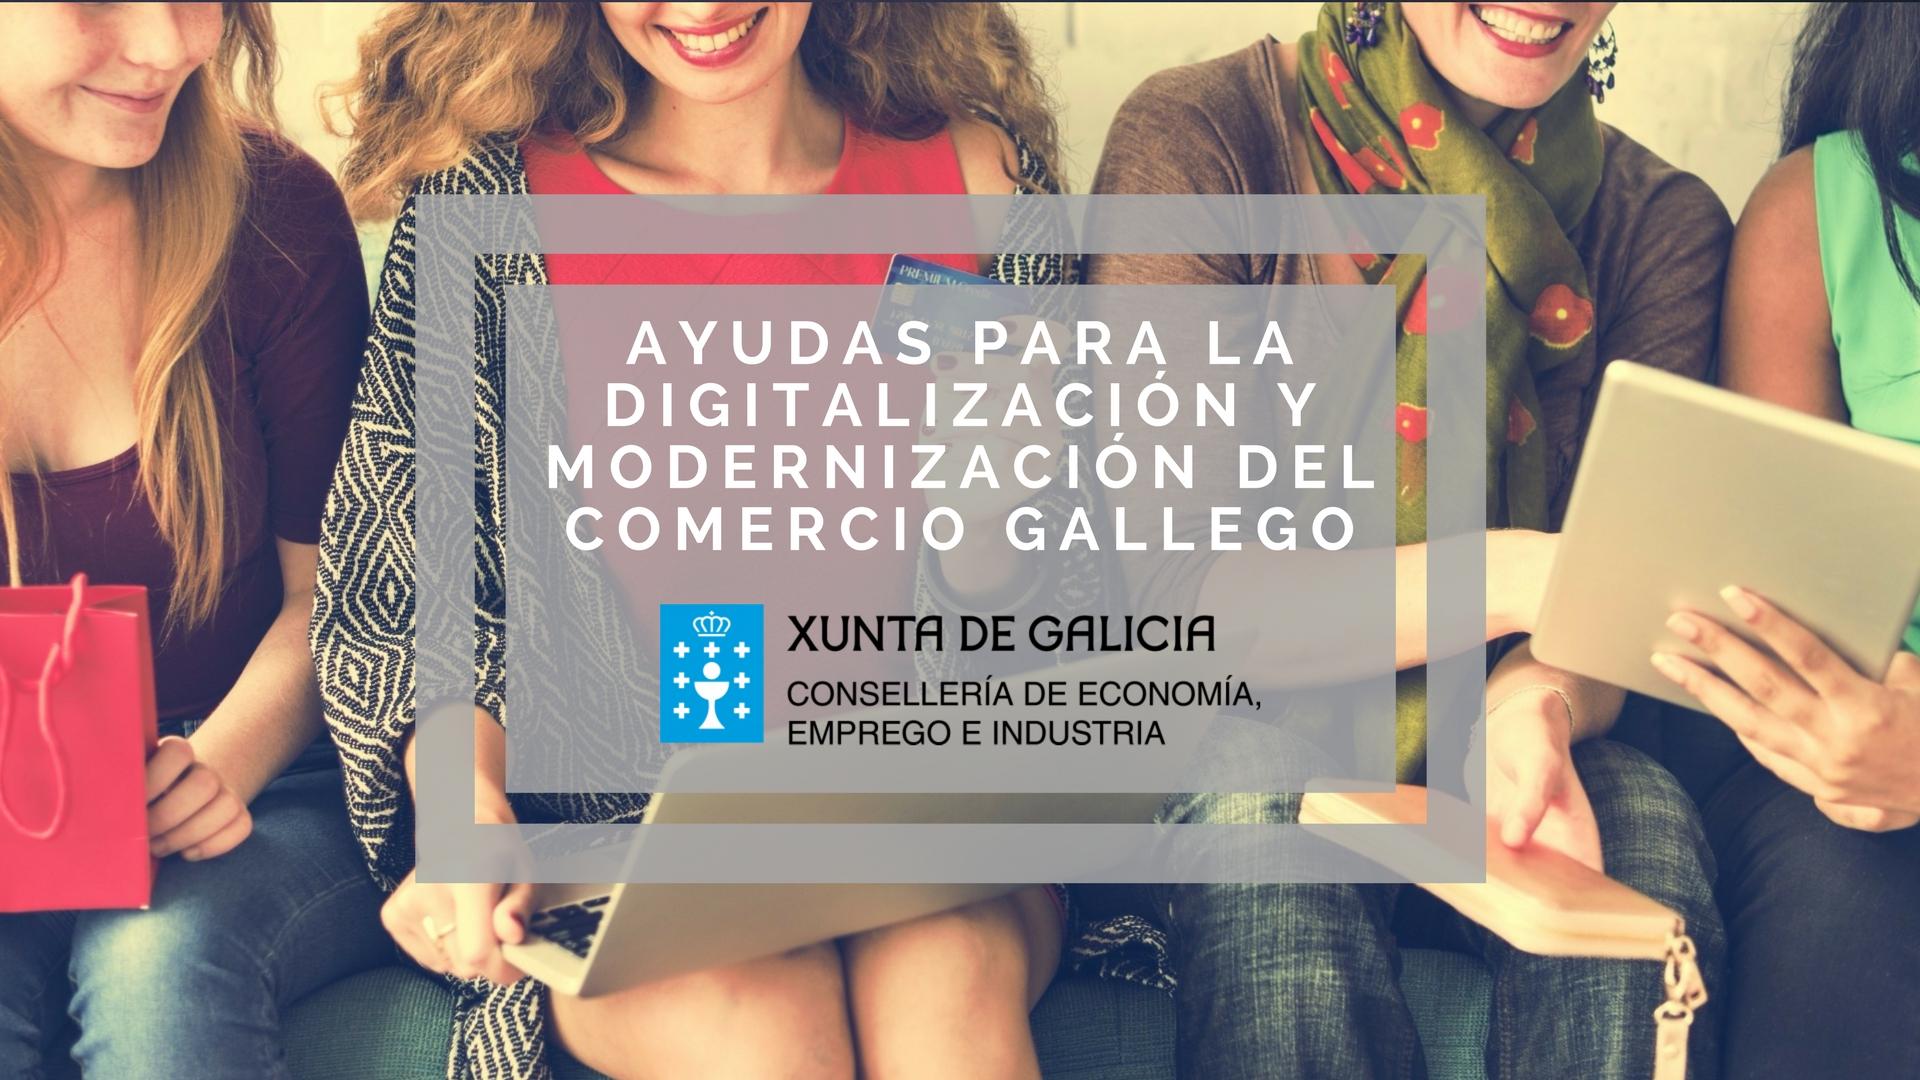 Ayudas para la digitalización y modernización del comercio gallego 2018